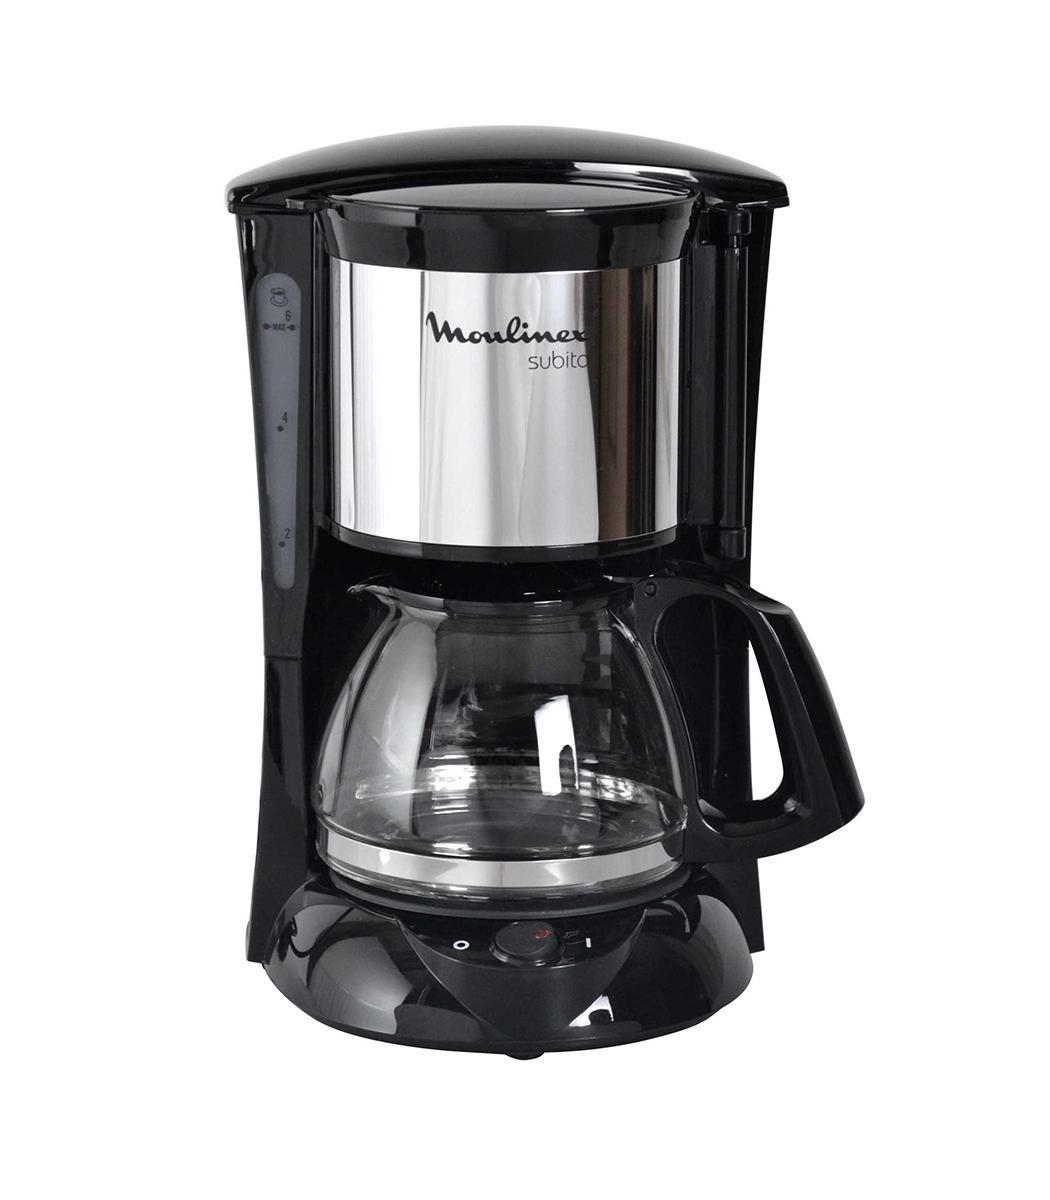 Moulinex FG151825 Subito Mini капельная кофеваркаFG151825 Subito MiniС капельной кофеваркой FG151825 Subito Mini вы можете создавать натуральный кофе без каких-либо хлопот! Работа этого устройства полностью автоматизирована - для приготовления напитка достаточно засыпать молотый кофе, залить воду в специальный резервуар и включить кофеварку нажатием кнопки. Стакан, в котором собирается кофе, останется горячим благодаря функции автоподогрева. Очень хорошо, что фильтр капельной кофеварки - постоянный, выполненный из нейлона. Объем емкости для кофе: 0,6 л.